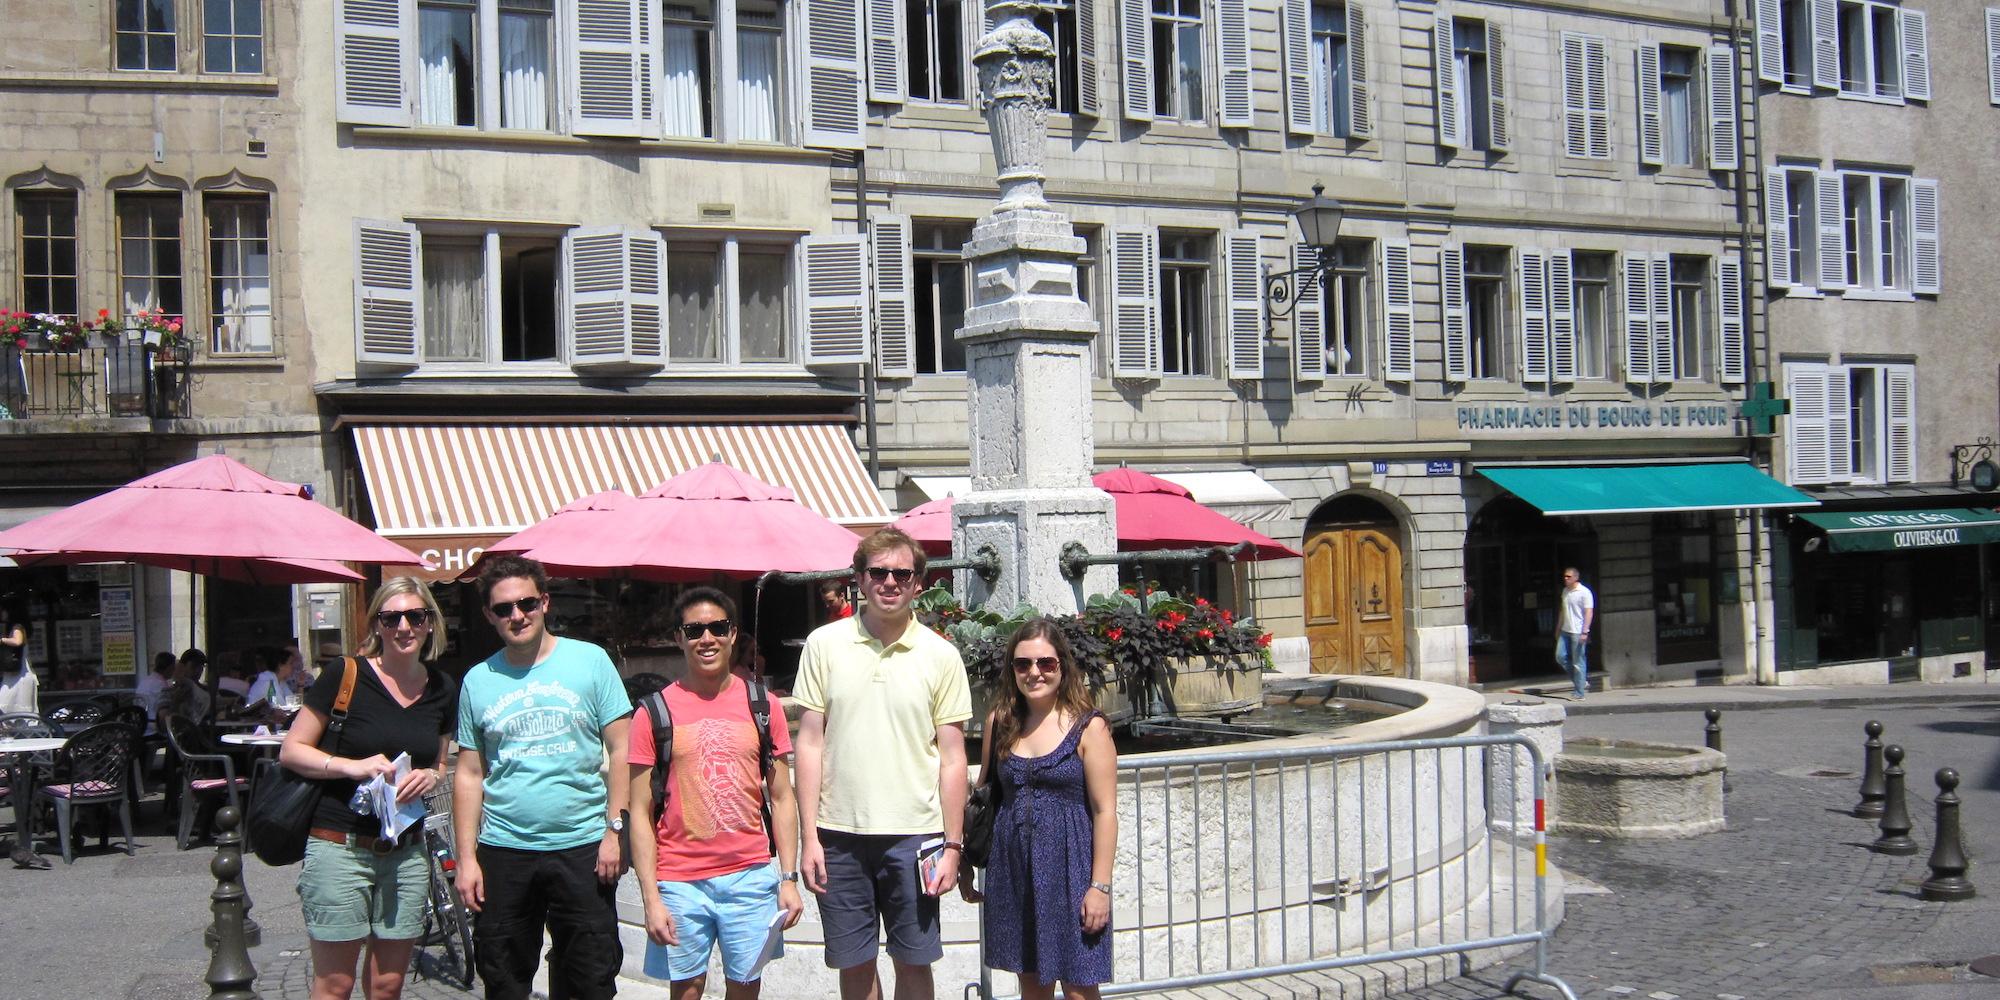 Students in Geneva